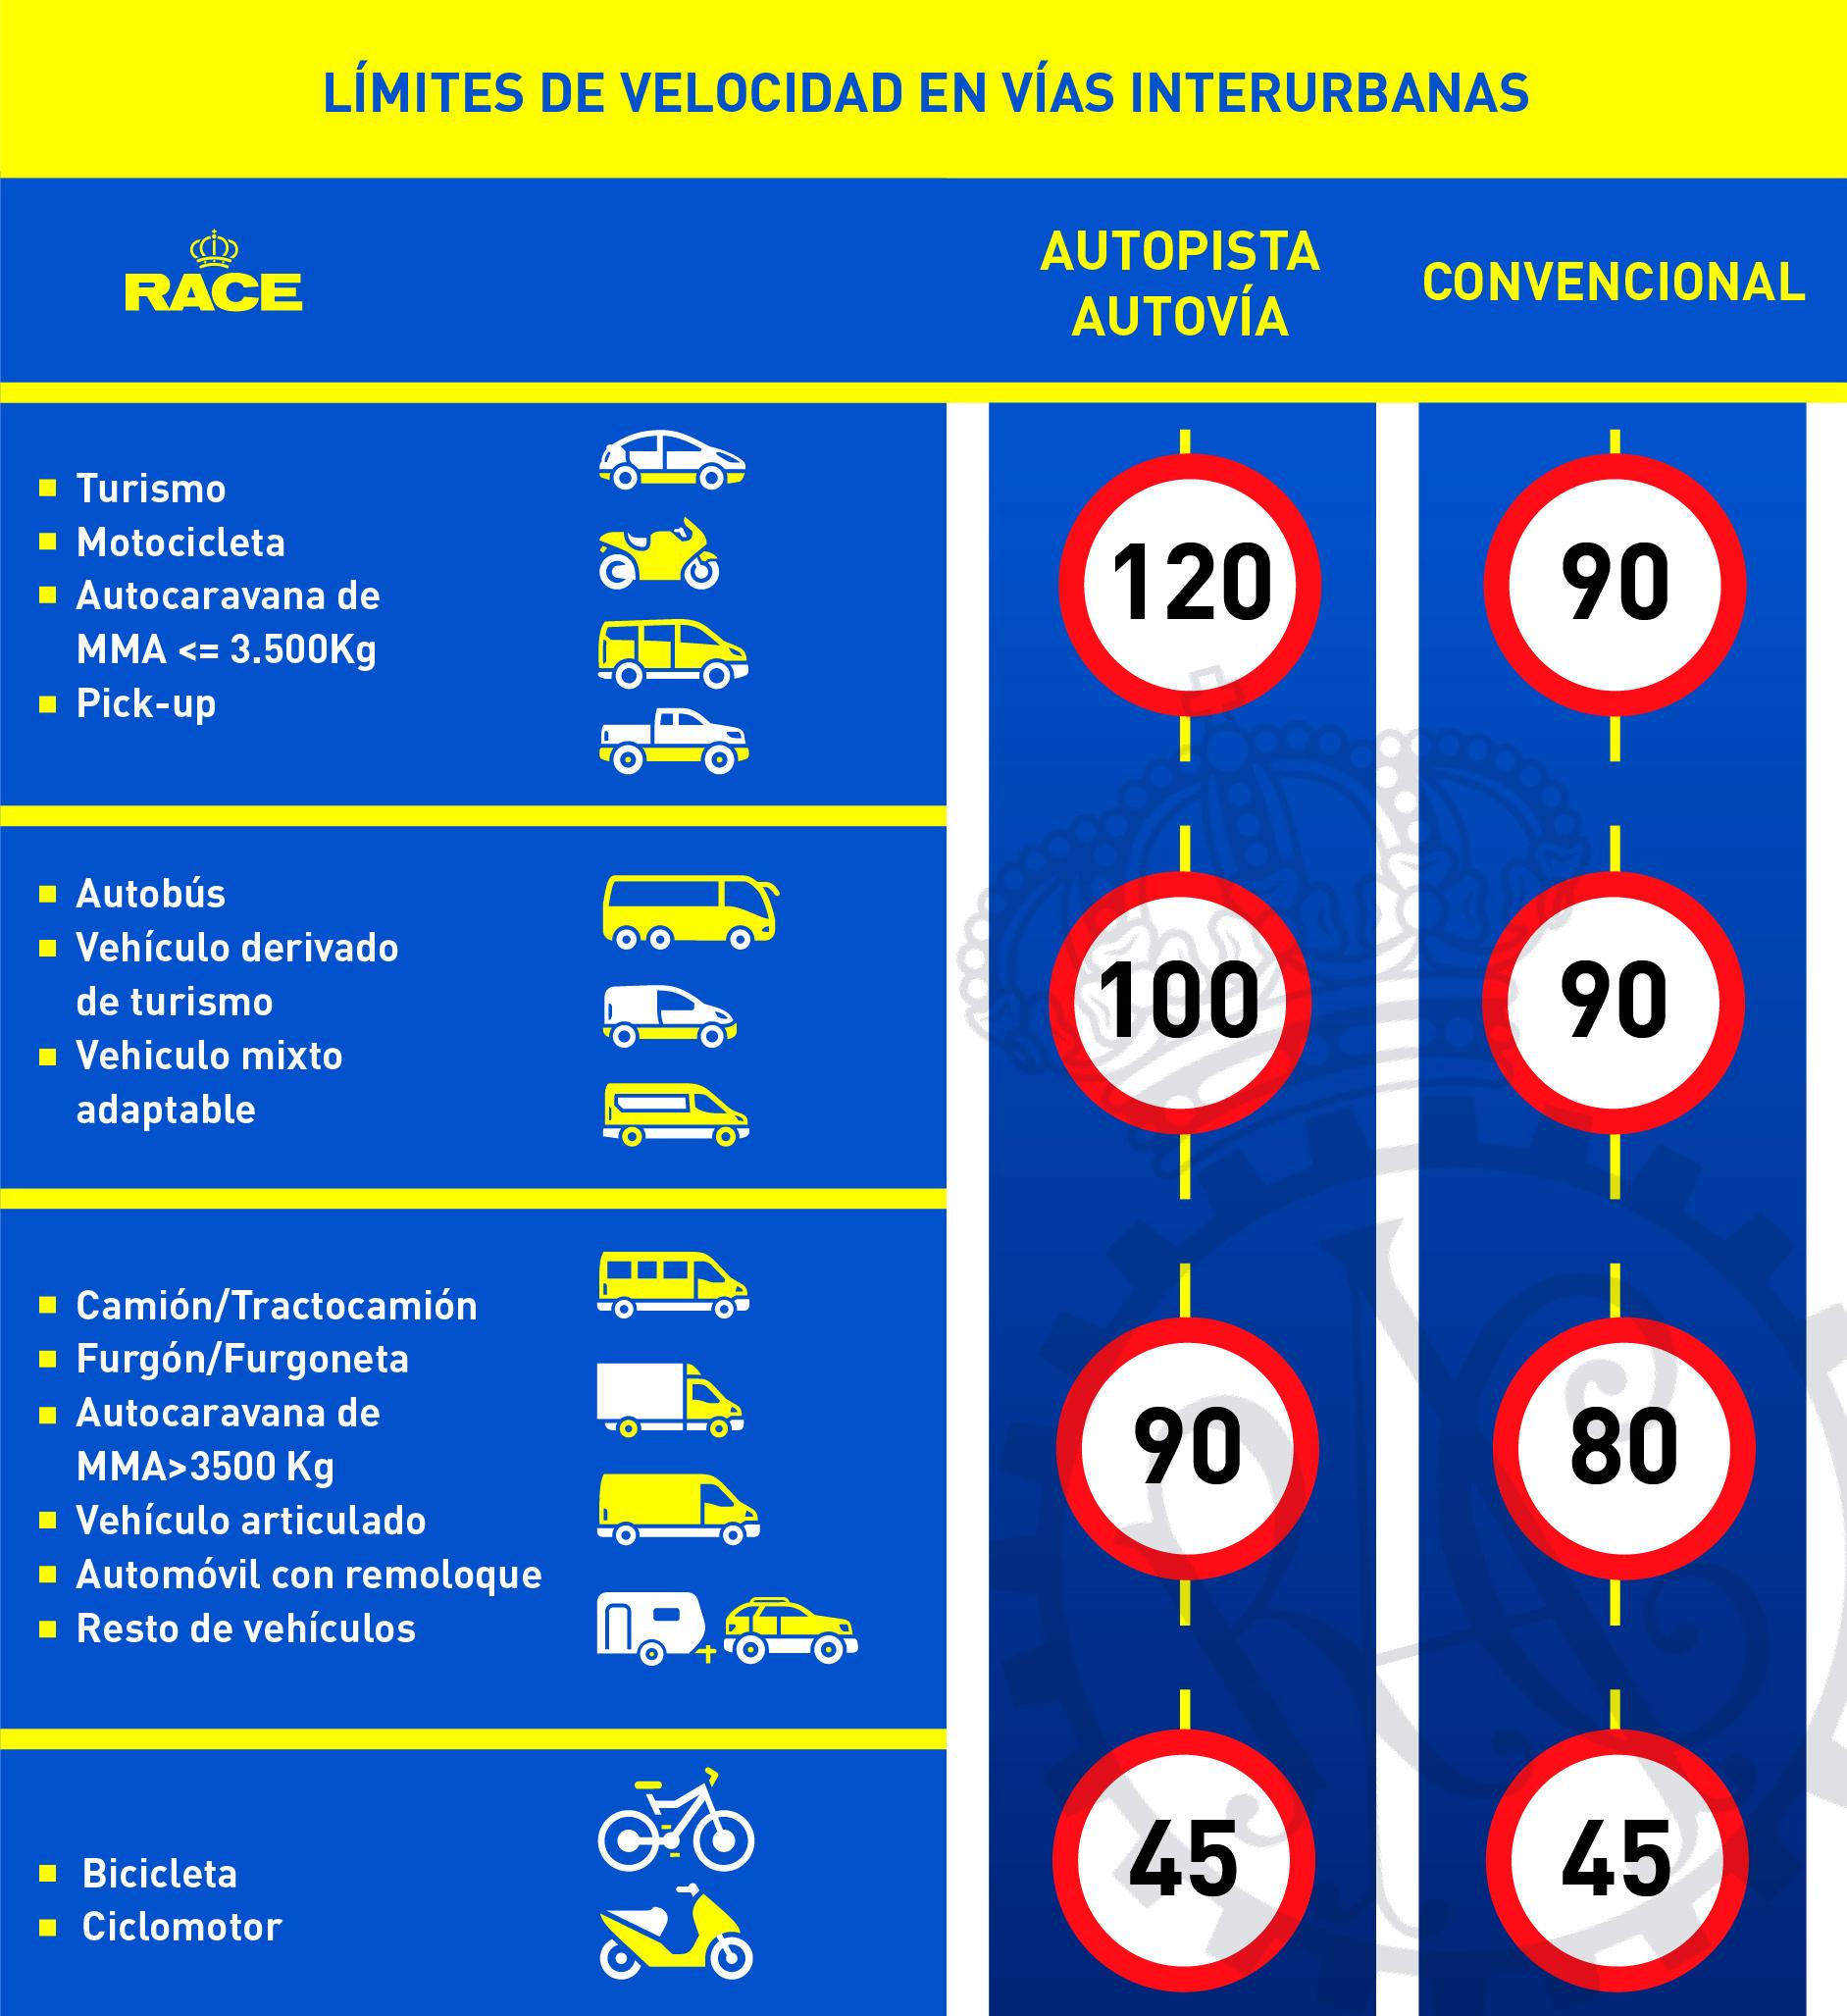 tabla de velocidades RACE